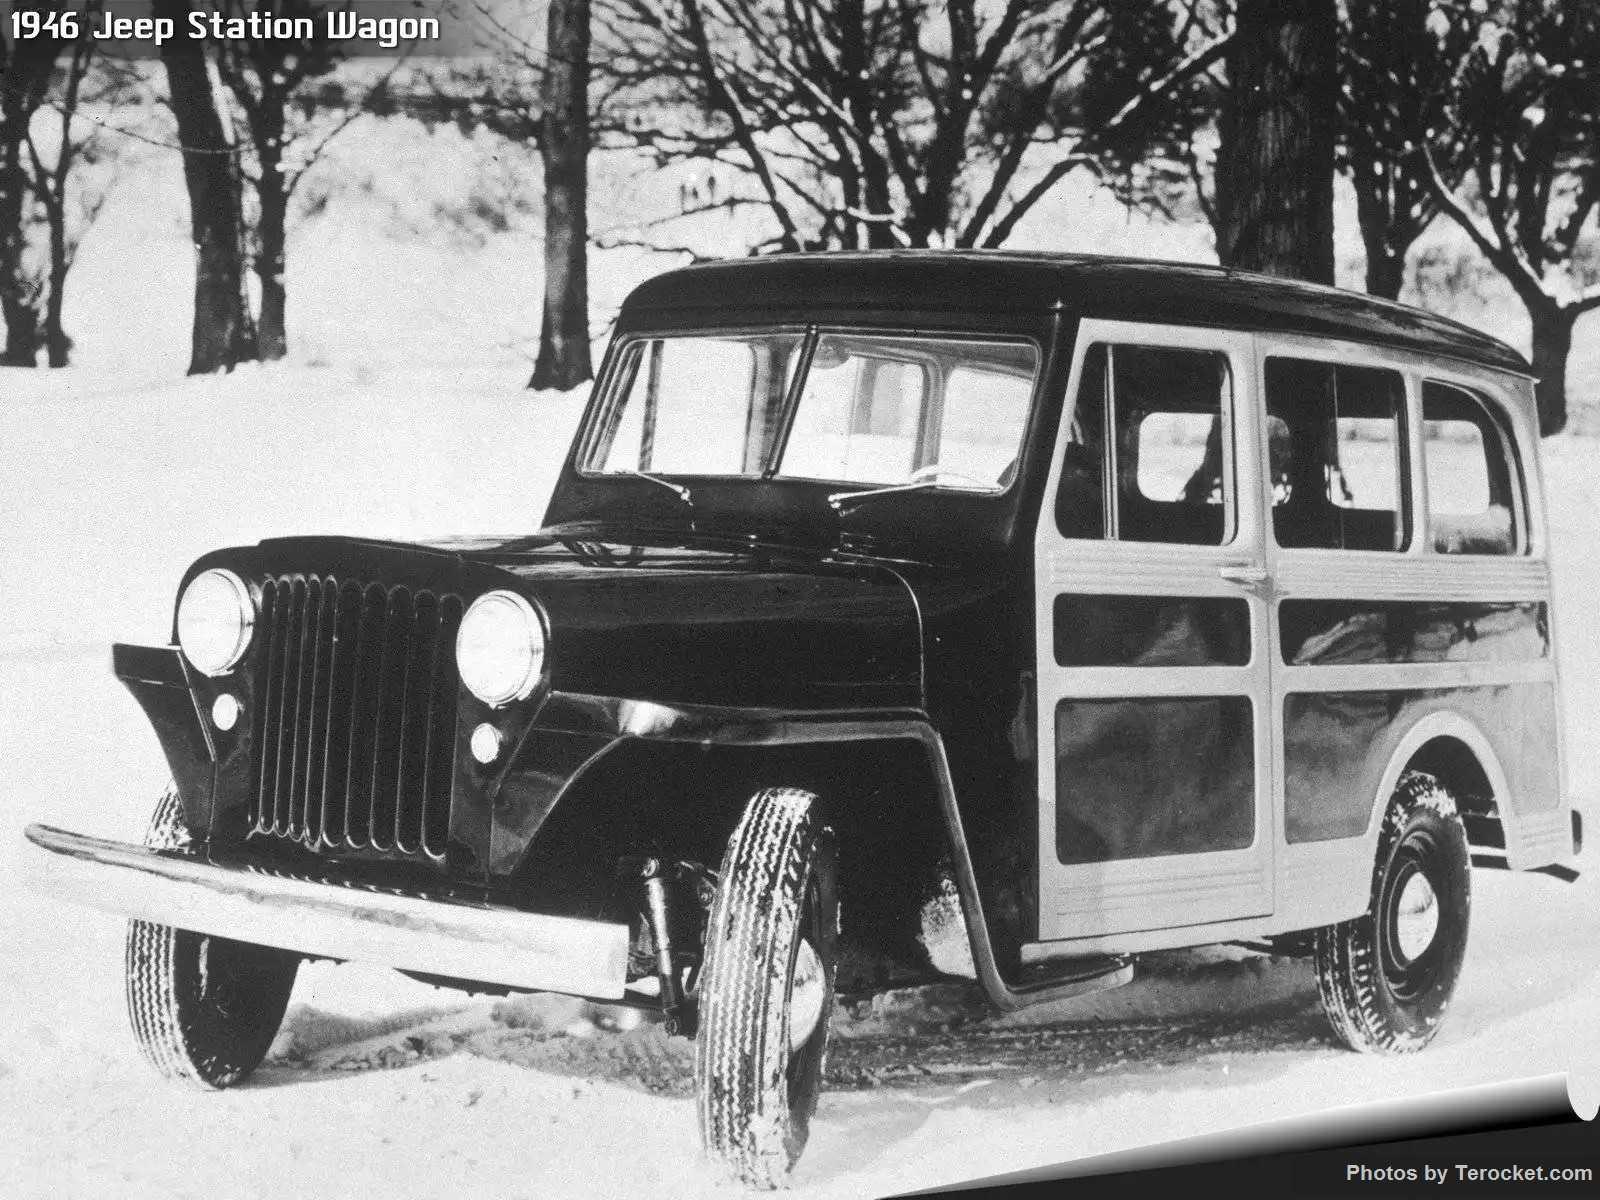 Hình ảnh xe ô tô Jeep Station Wagon 1946 & nội ngoại thất